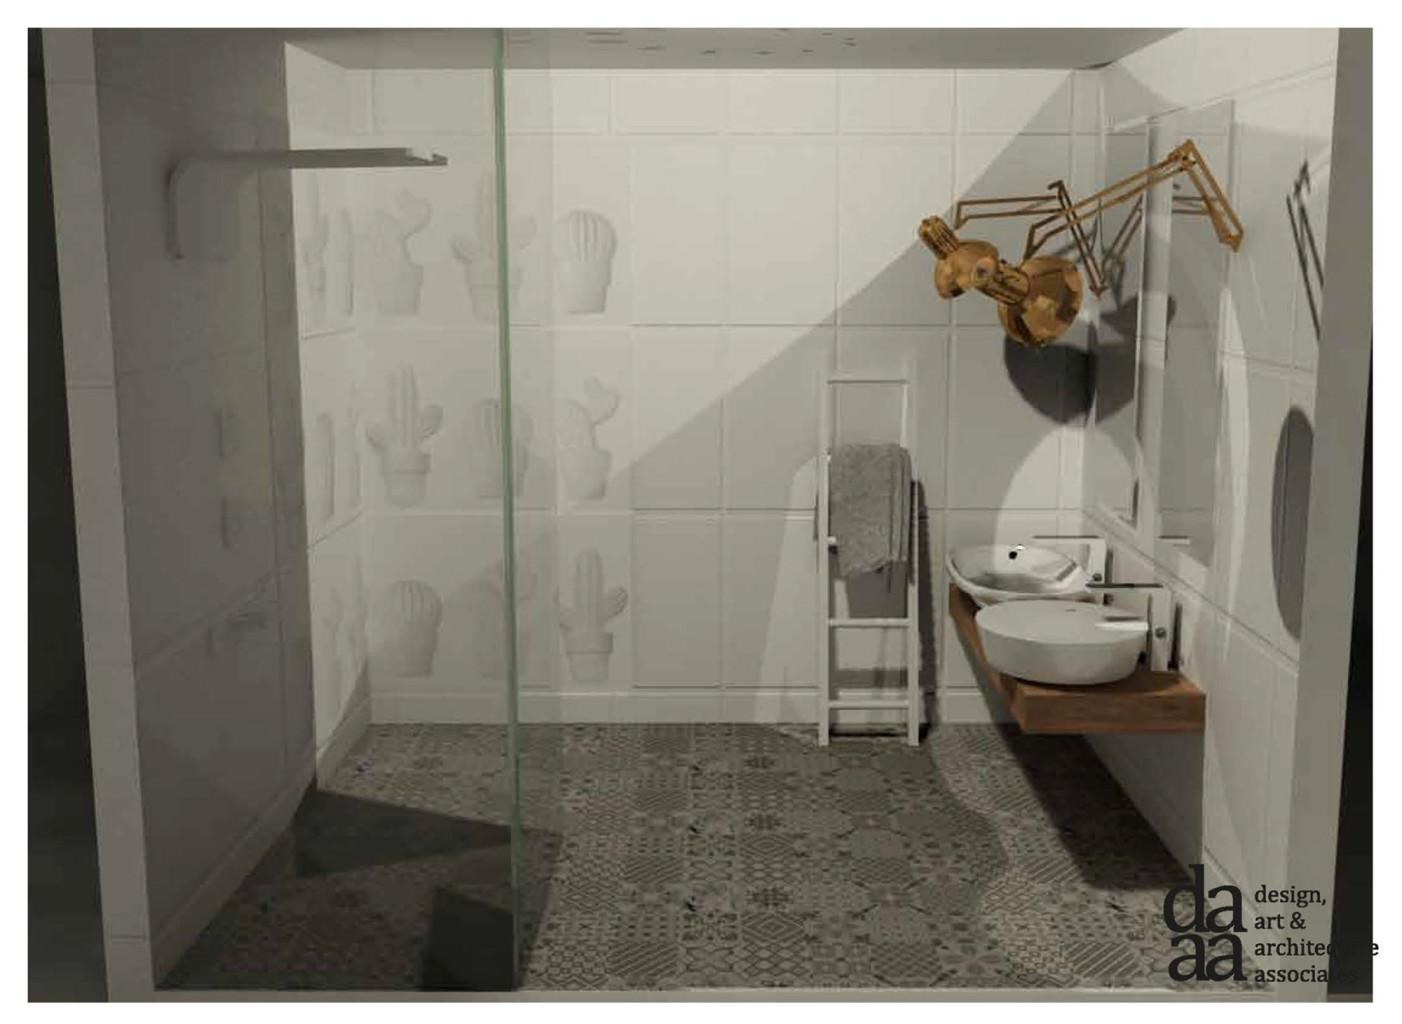 keiths-bathroom-no-12-final-low-res_page_4